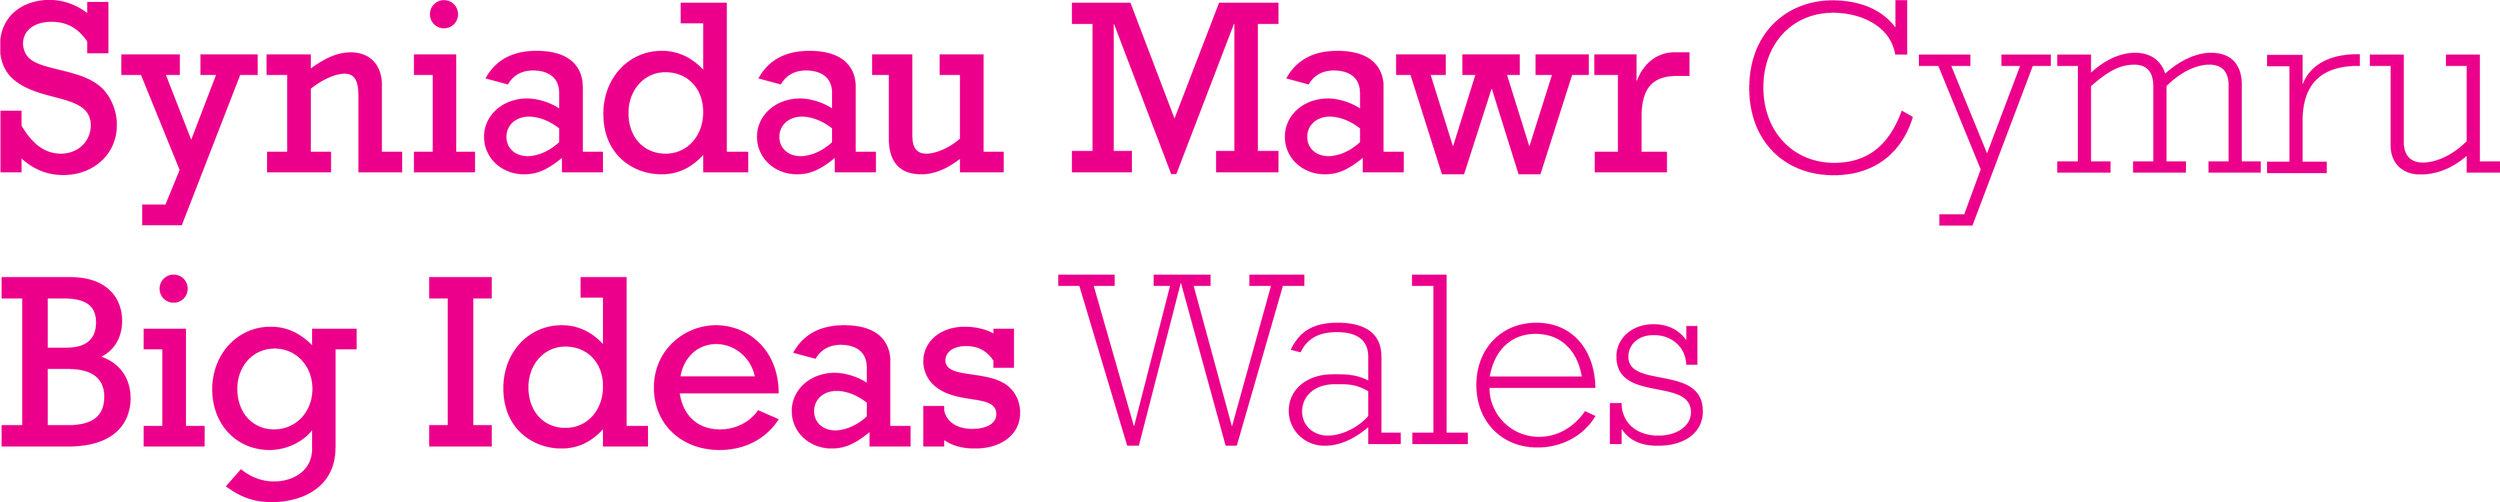 BIW logos bi pink.jpg